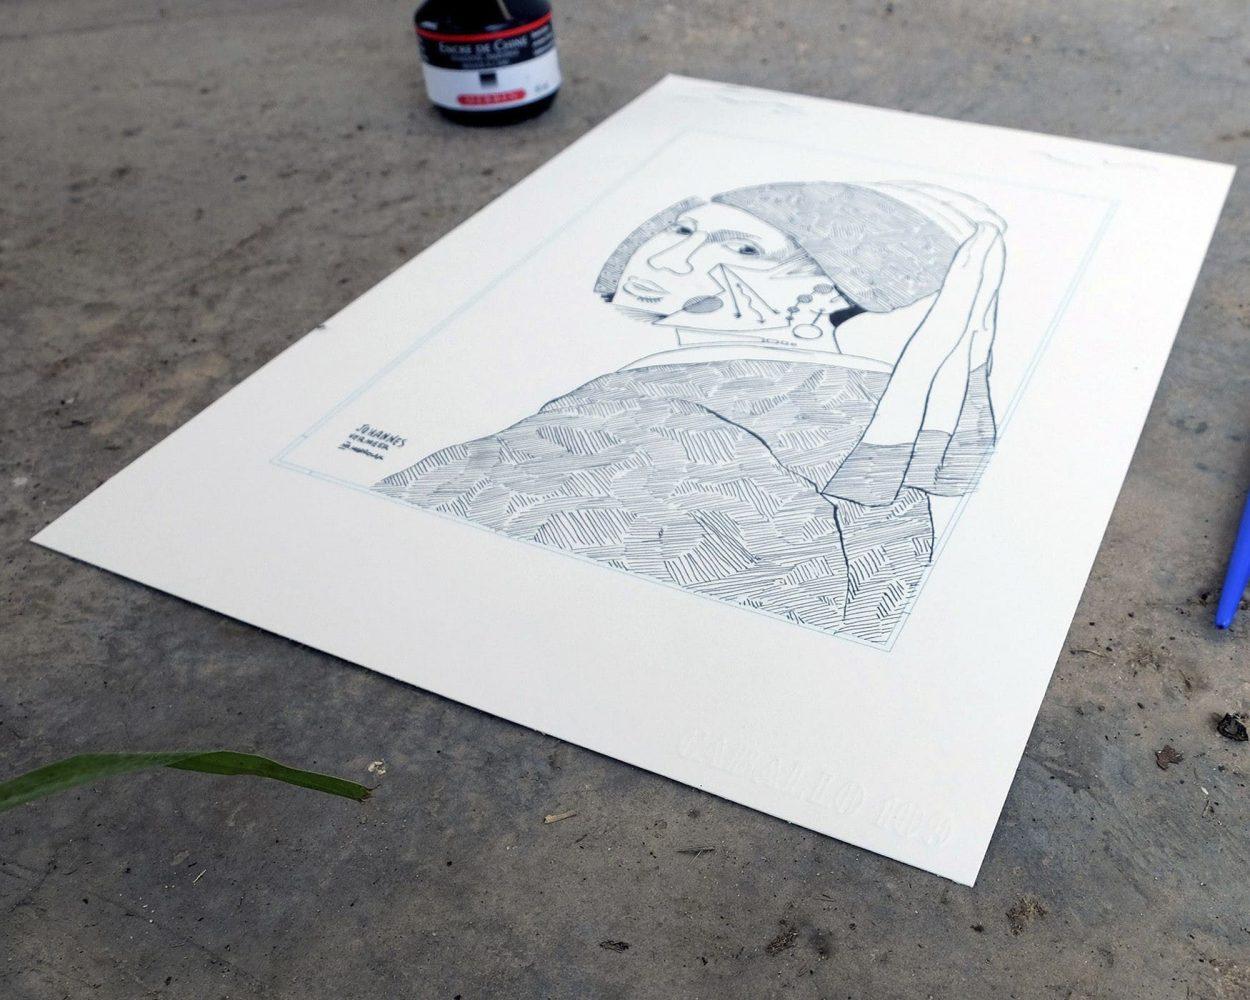 Detalle de una versión de la Joven de la Perla de Johannes Vermeer. Ilustración a tinta sobre papel en blanco y negro